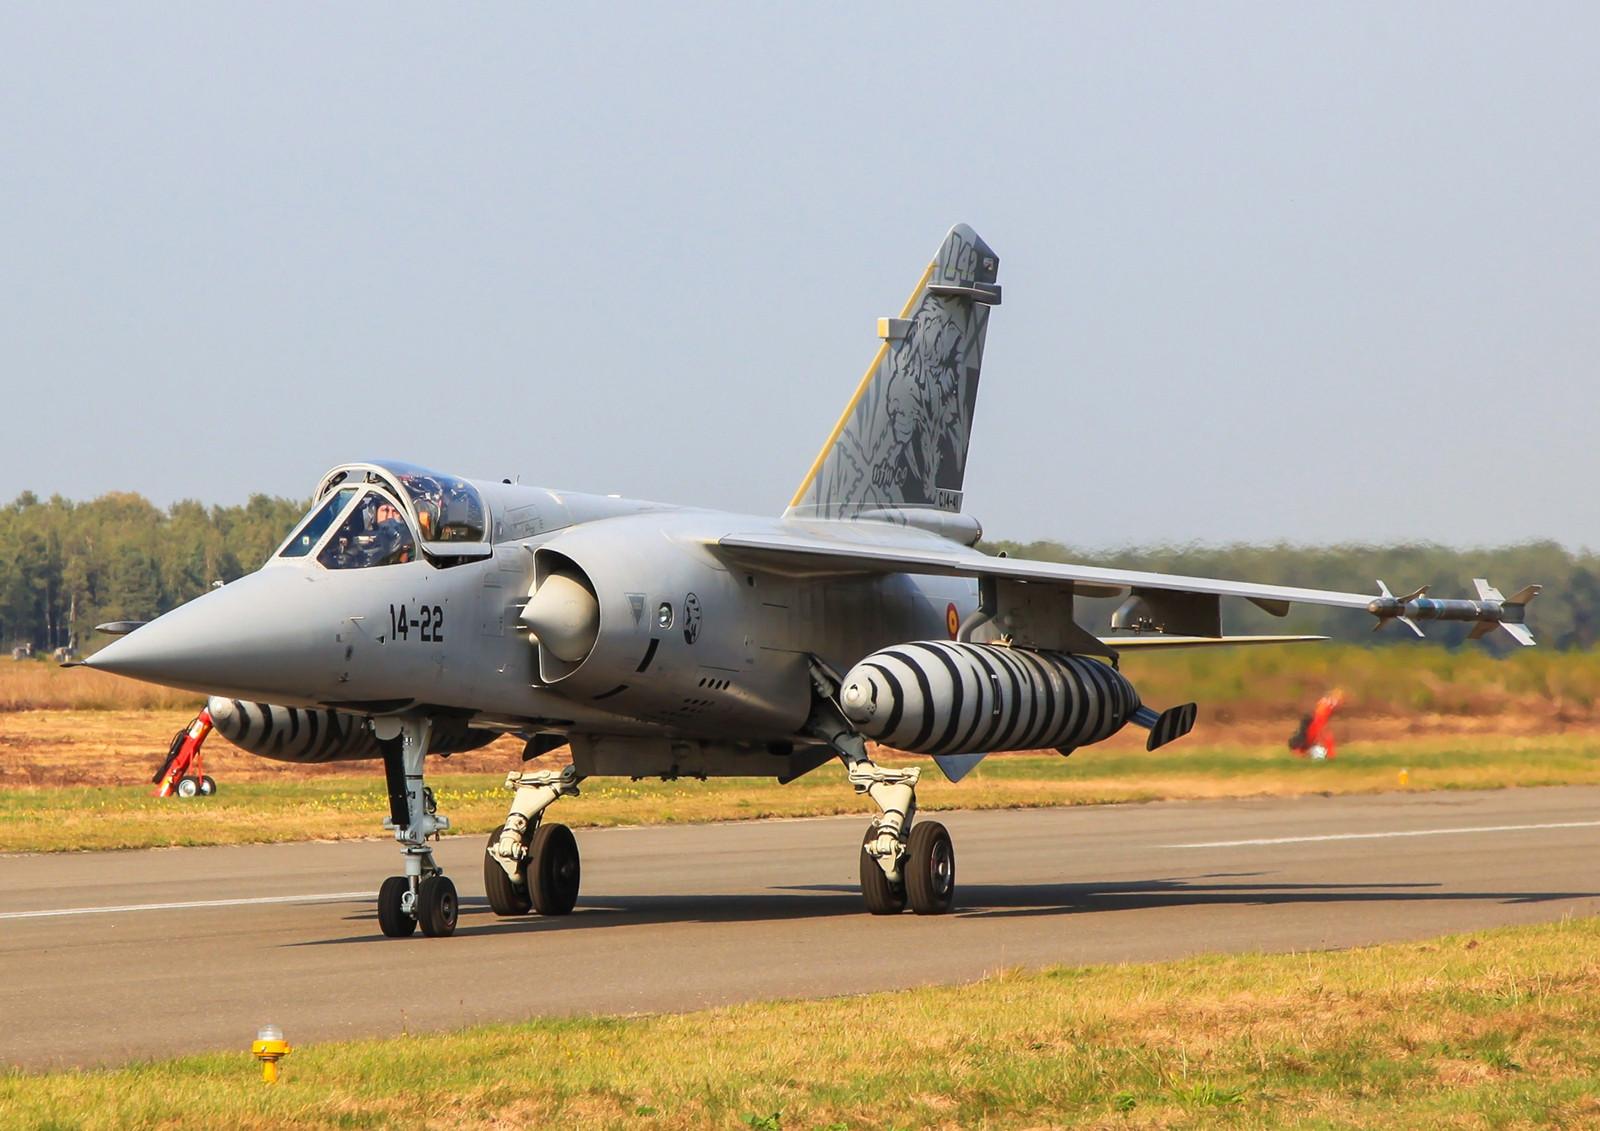 C.14-41, Mirage F-1M, auch eine ehemalige F-1C. Taxiing beim NTM 09 in Kleine Brogel.